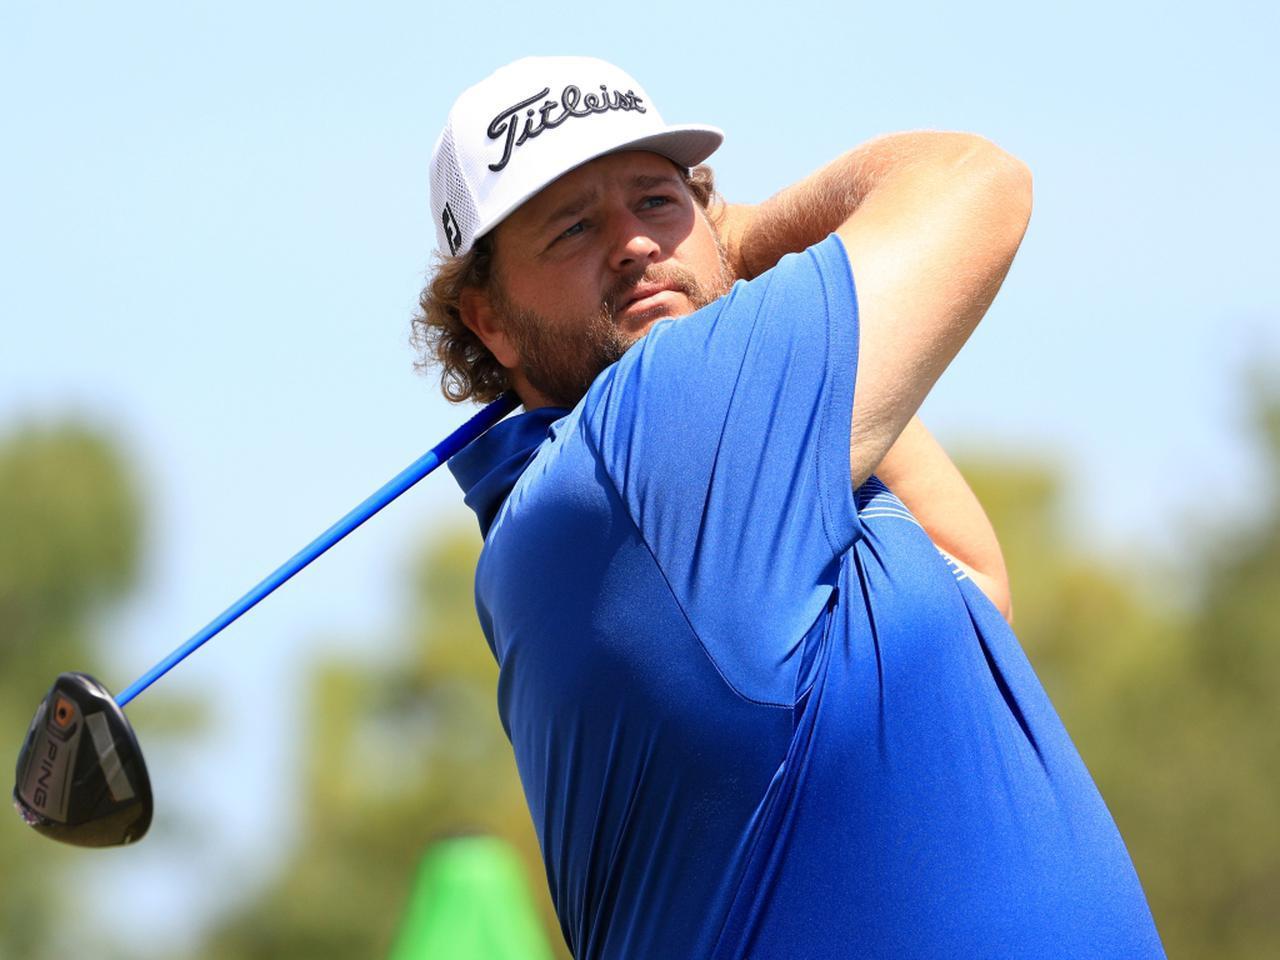 画像: 4月末に開催された「バルスパー選手権」のマンデー予選を突破し、PGAツアーデビューを果たしたマイケル・ヴィサッキ(写真/Getty Images)